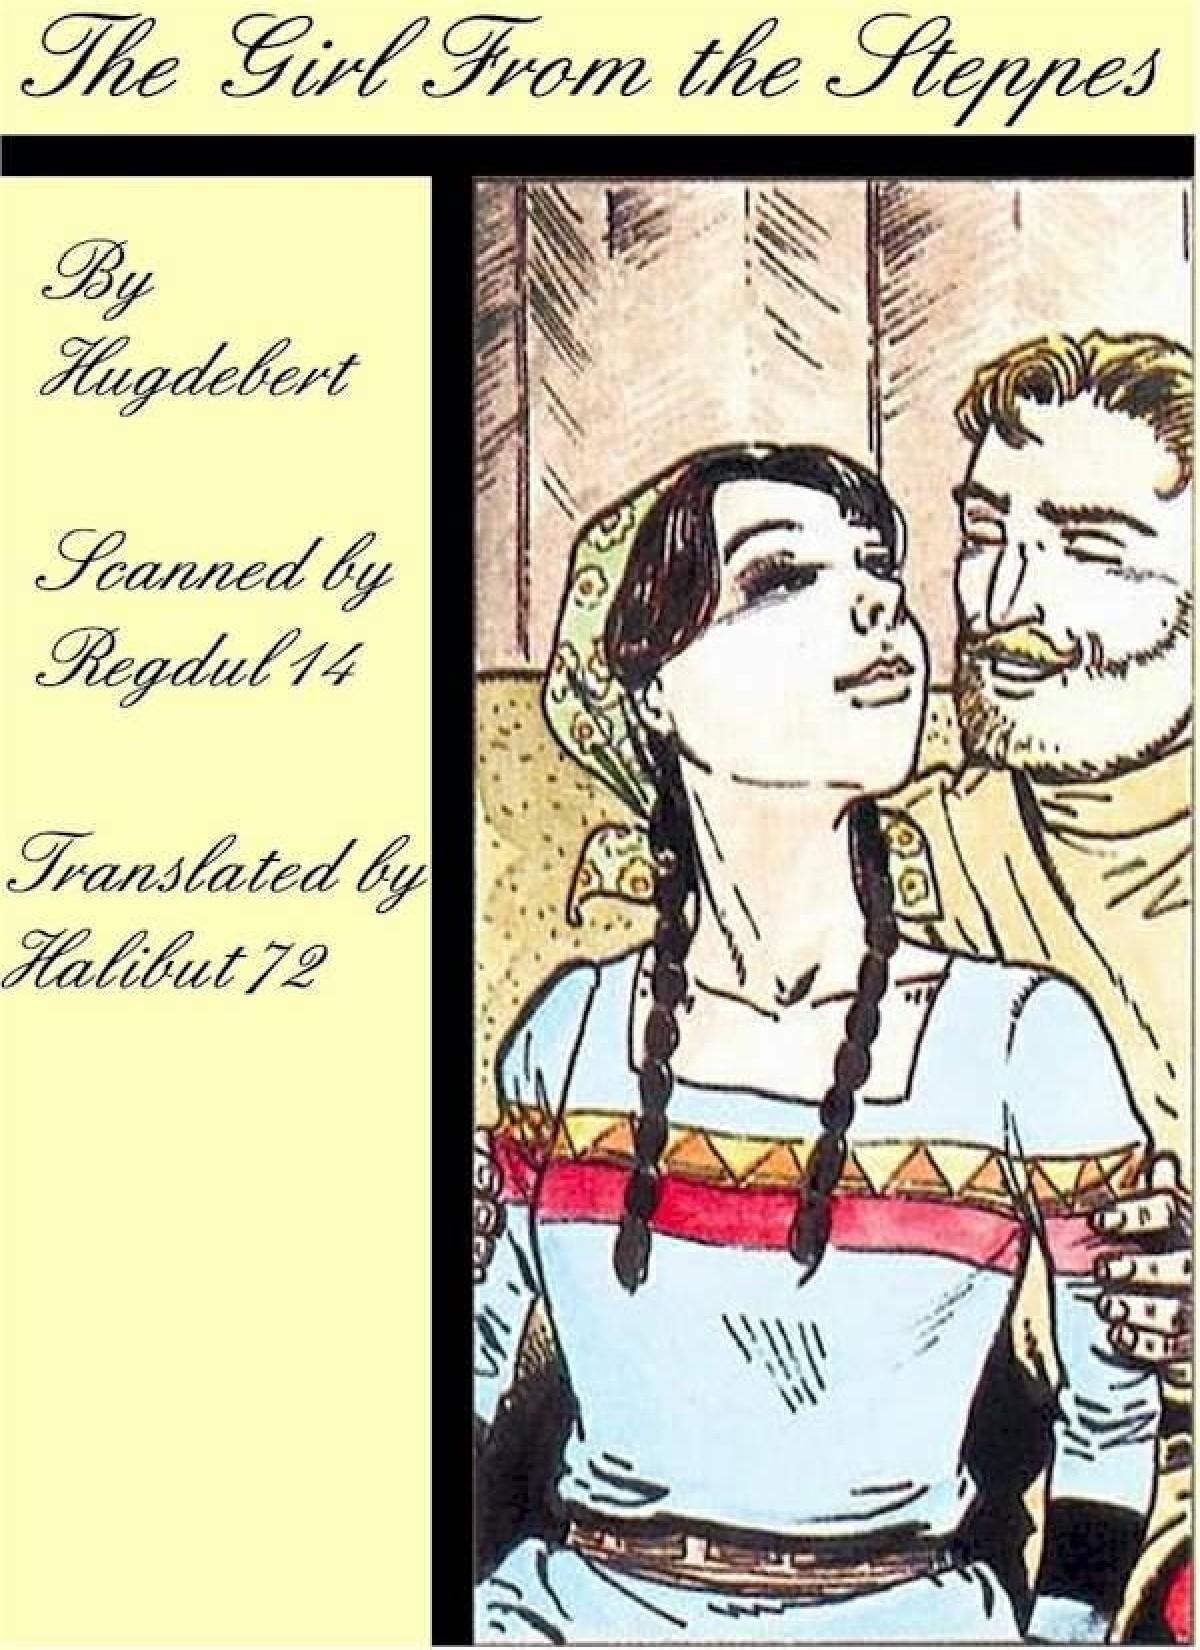 [Hugdebert] The Girl From The Steppes